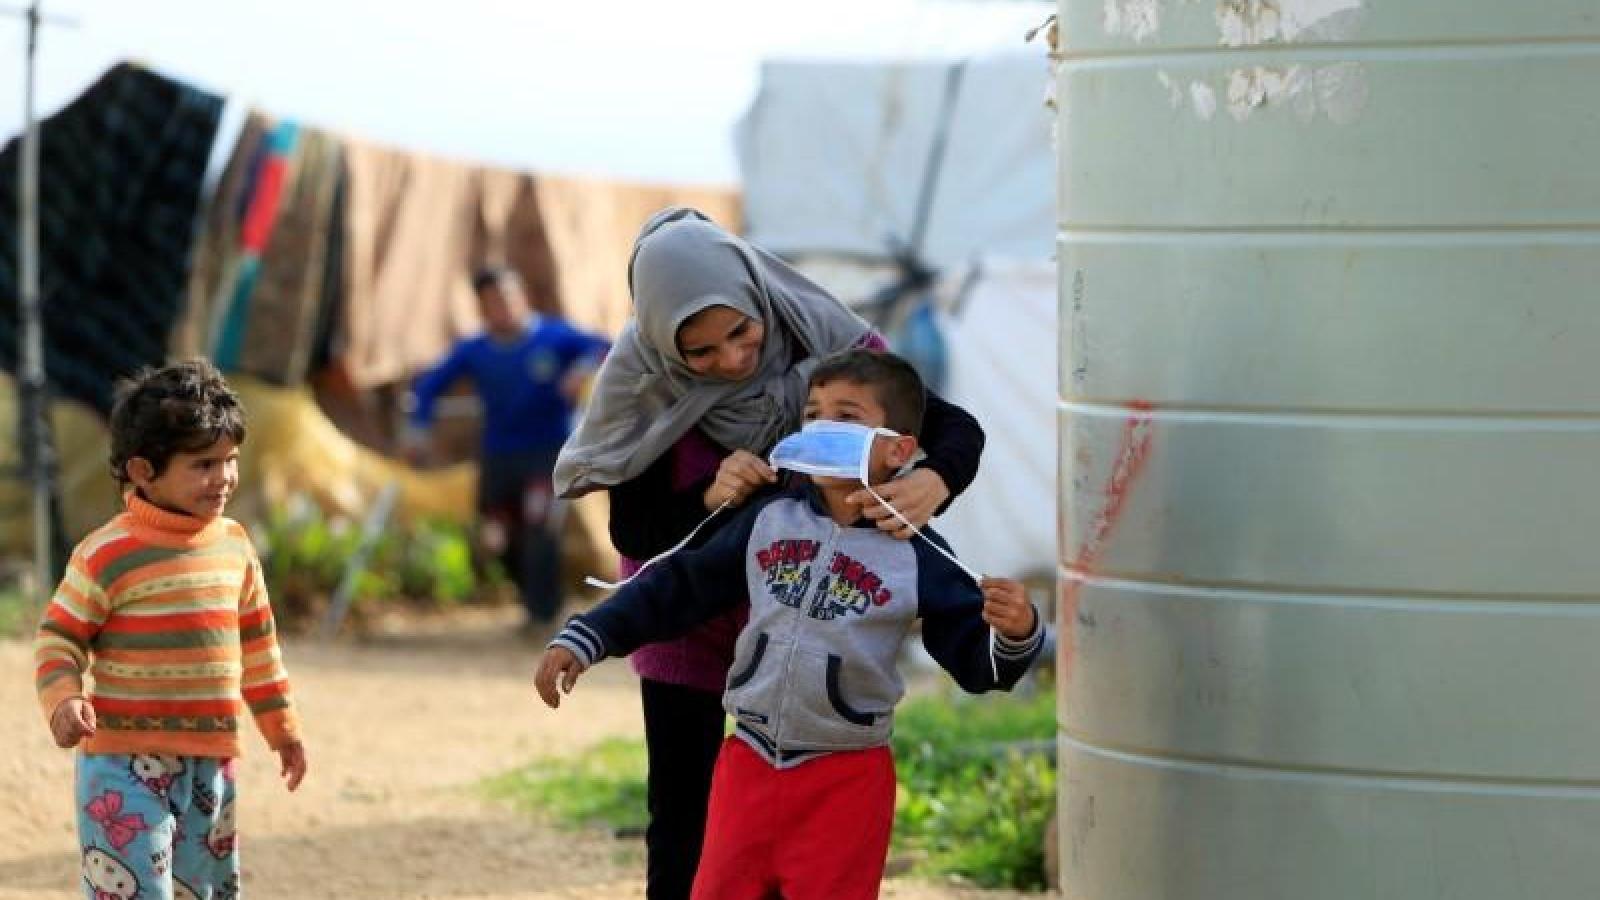 Hội đồng Bảo an Liên Hợp Quốc tiếp tục đàm phán về Hiến pháp Syria